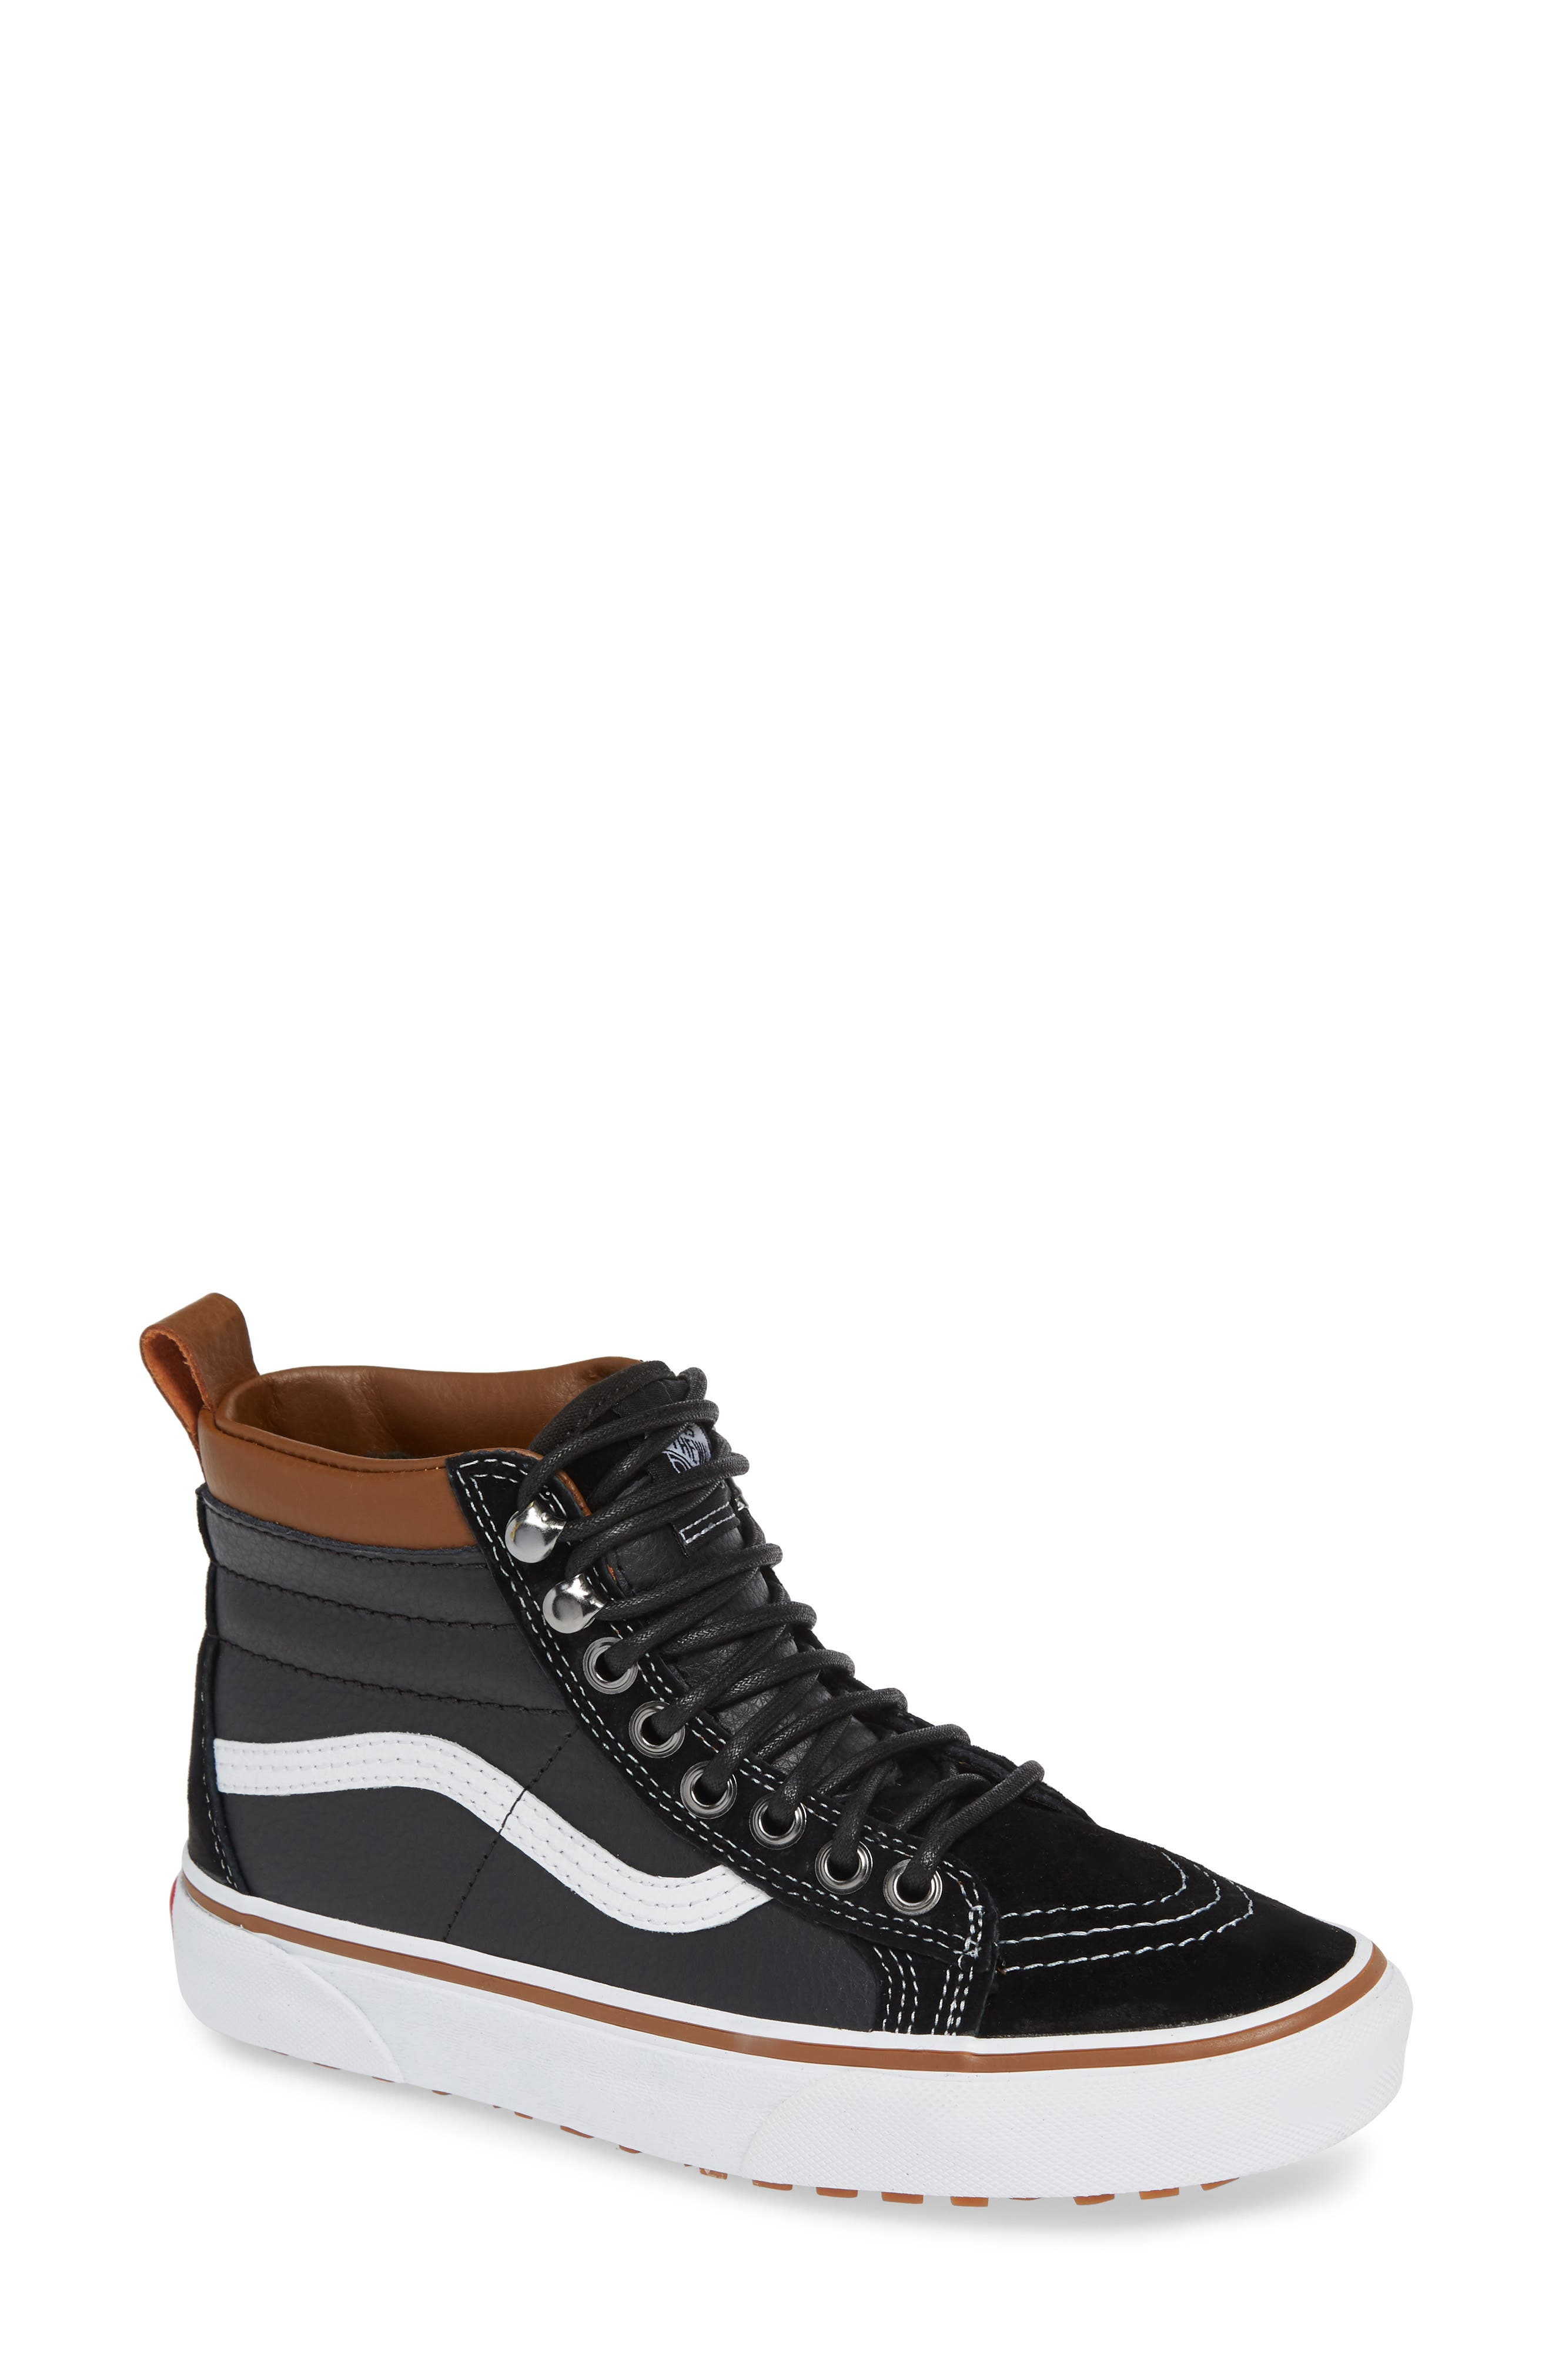 van gym shoes